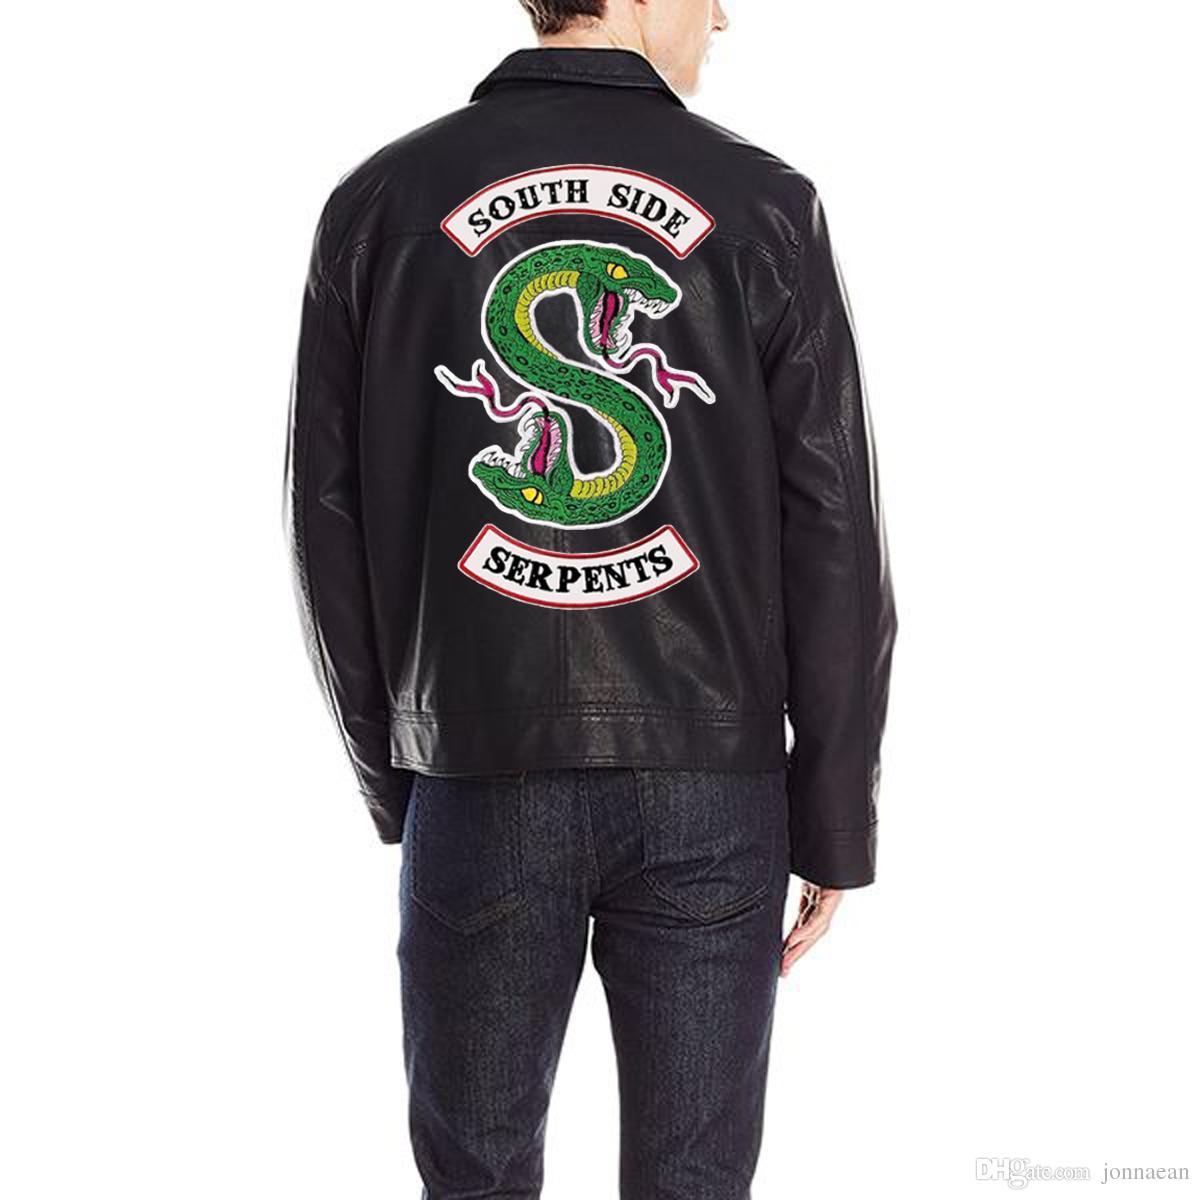 Riverdale SouthSide Вернуться Патчи Вышитые Утюг на мотоциклетной куртке Байкерная куртка Жилет двух размеров Мужской и женский знак моды Индивидуальный дизайн